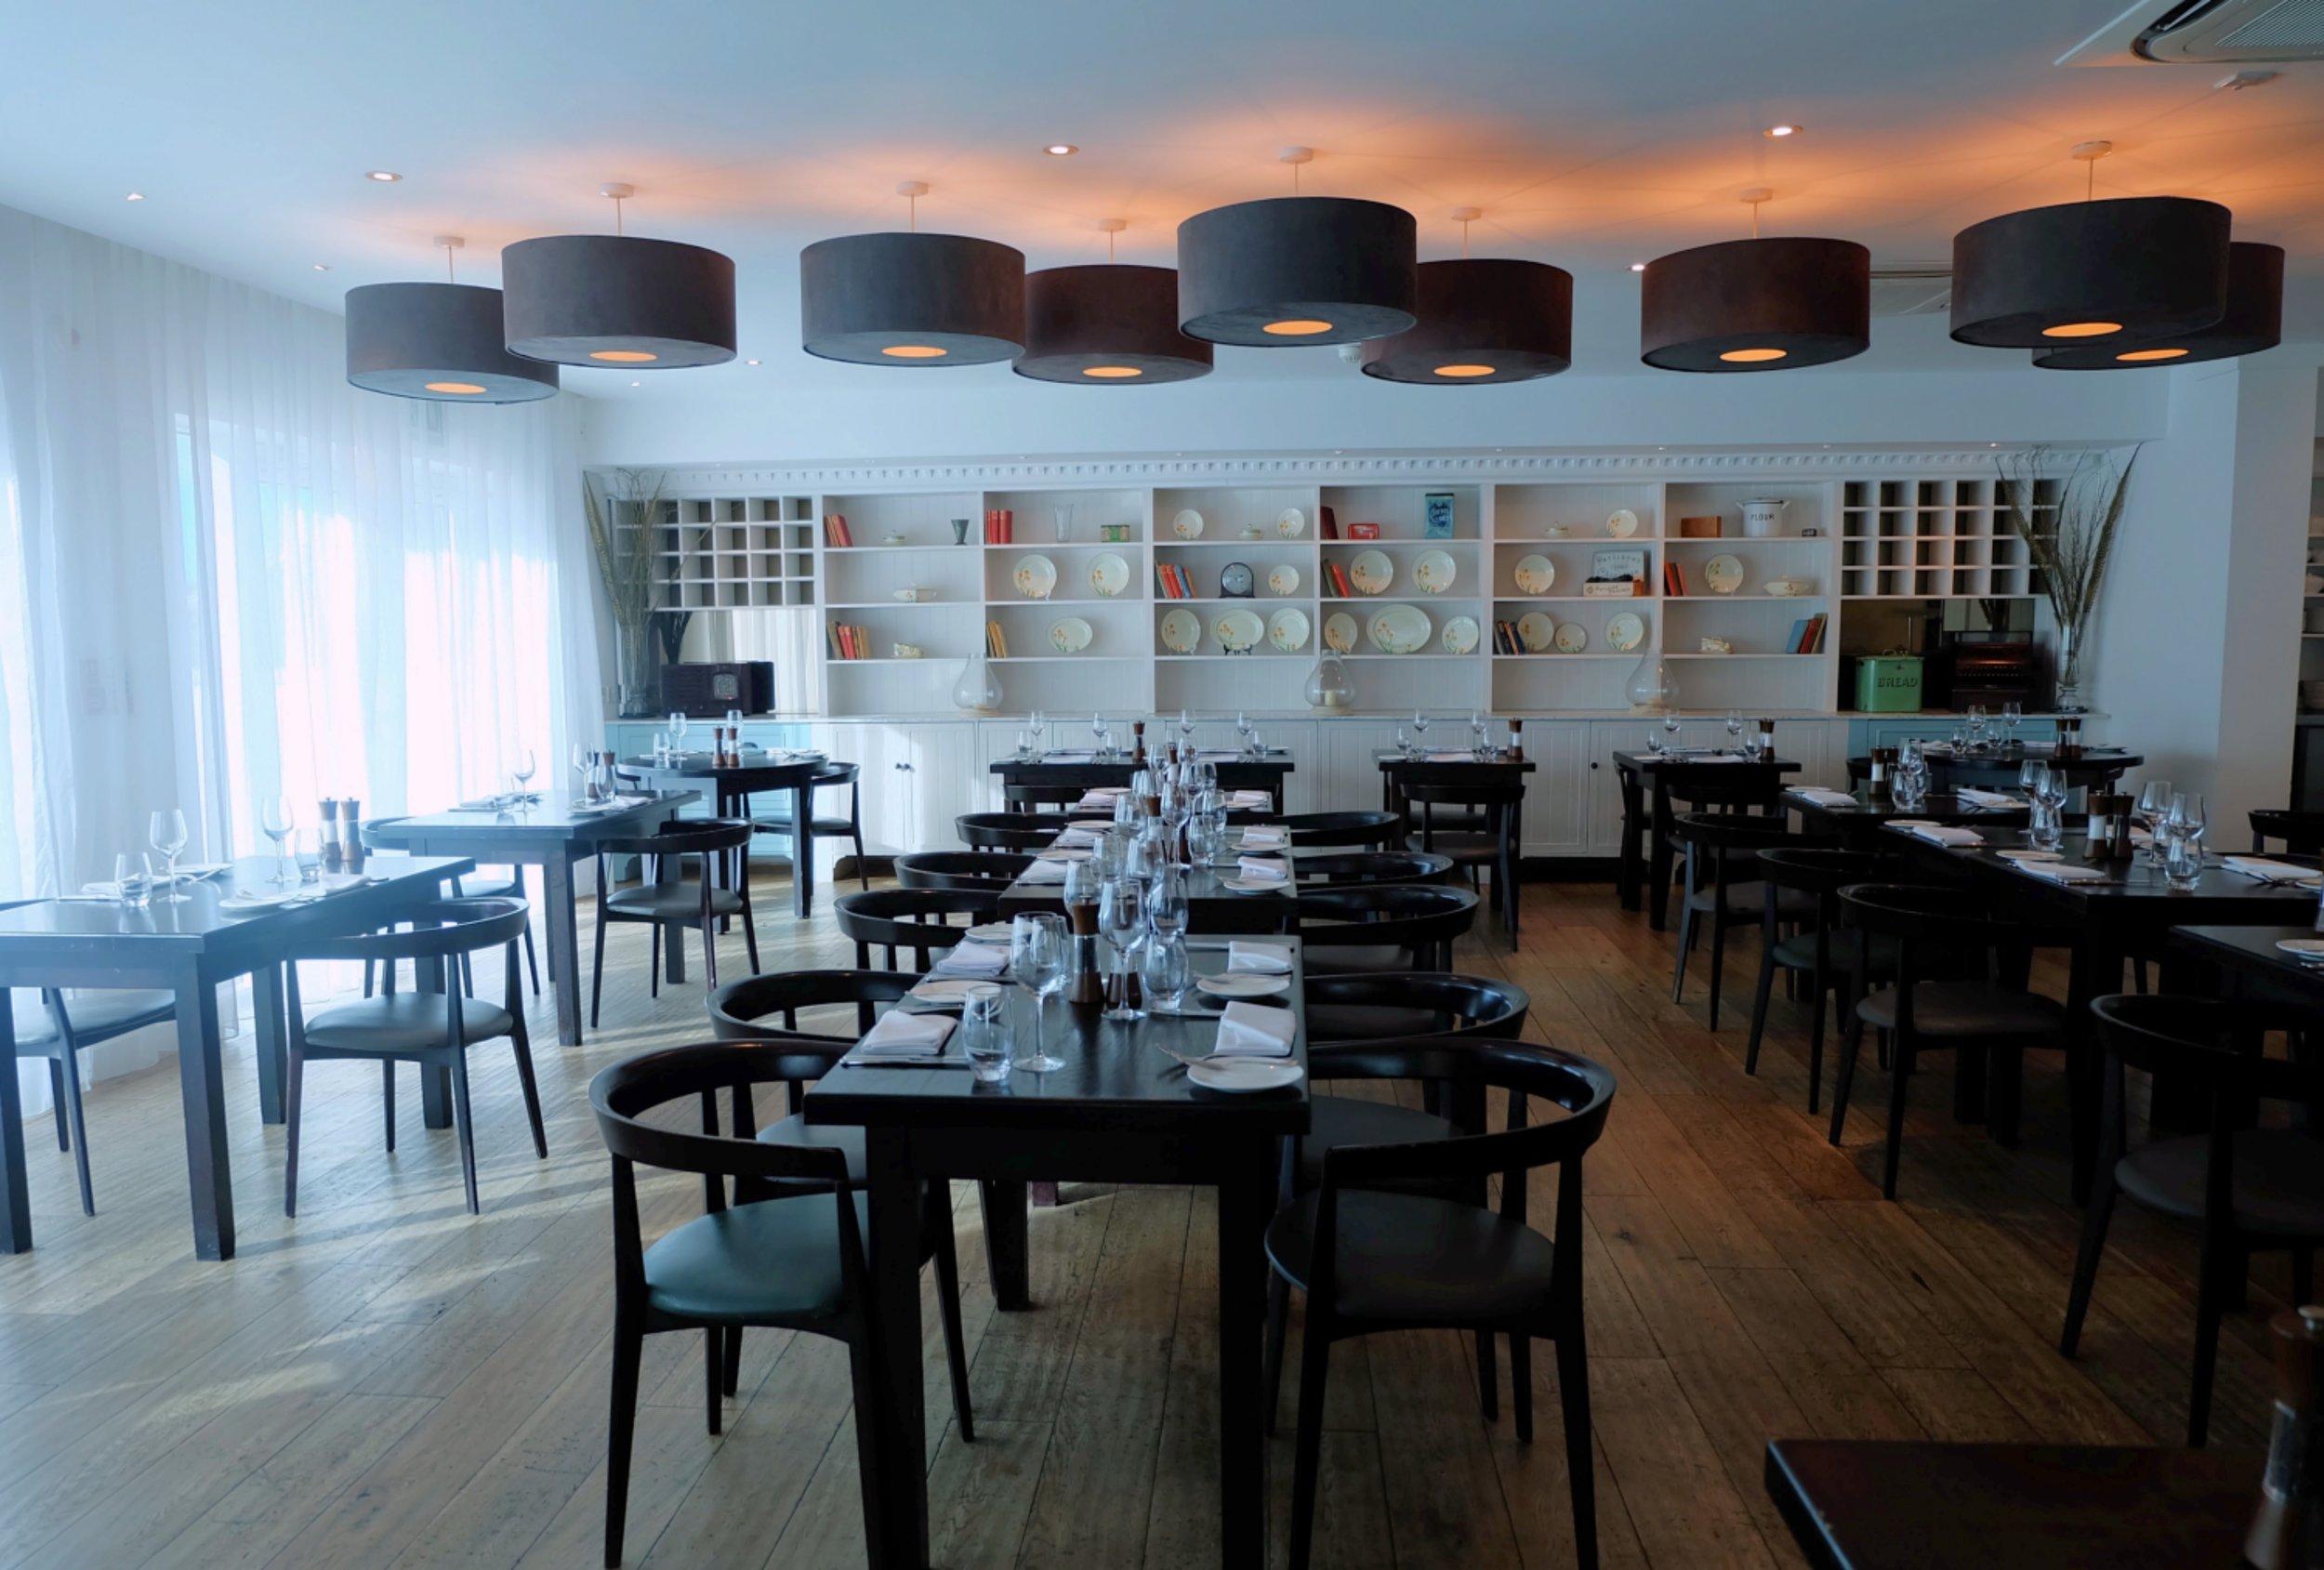 St Moritz restaurant